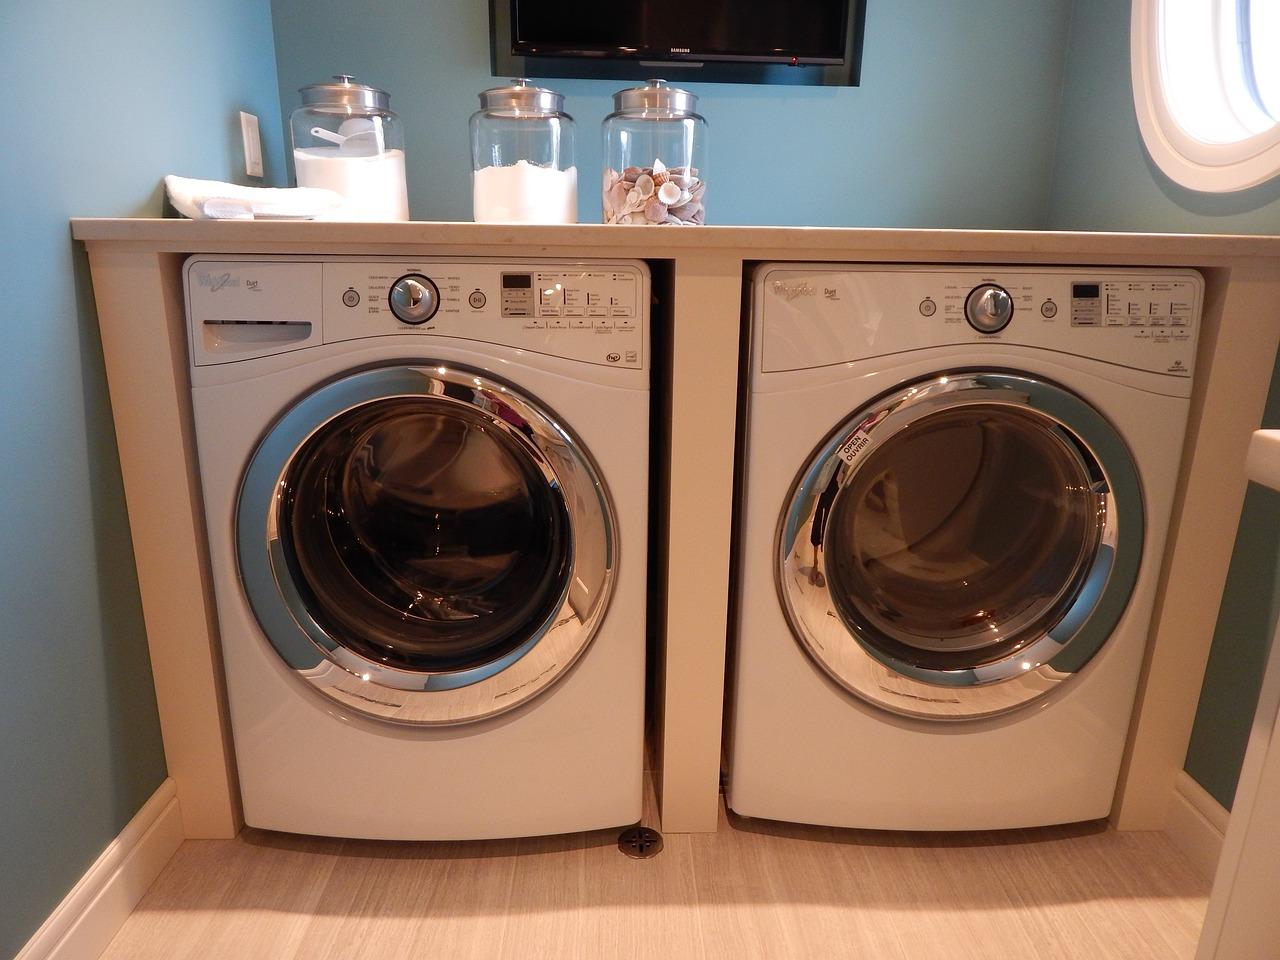 洗濯機の買取について | 買取方法は?高価買取のコツをご紹介のサムネイル画像